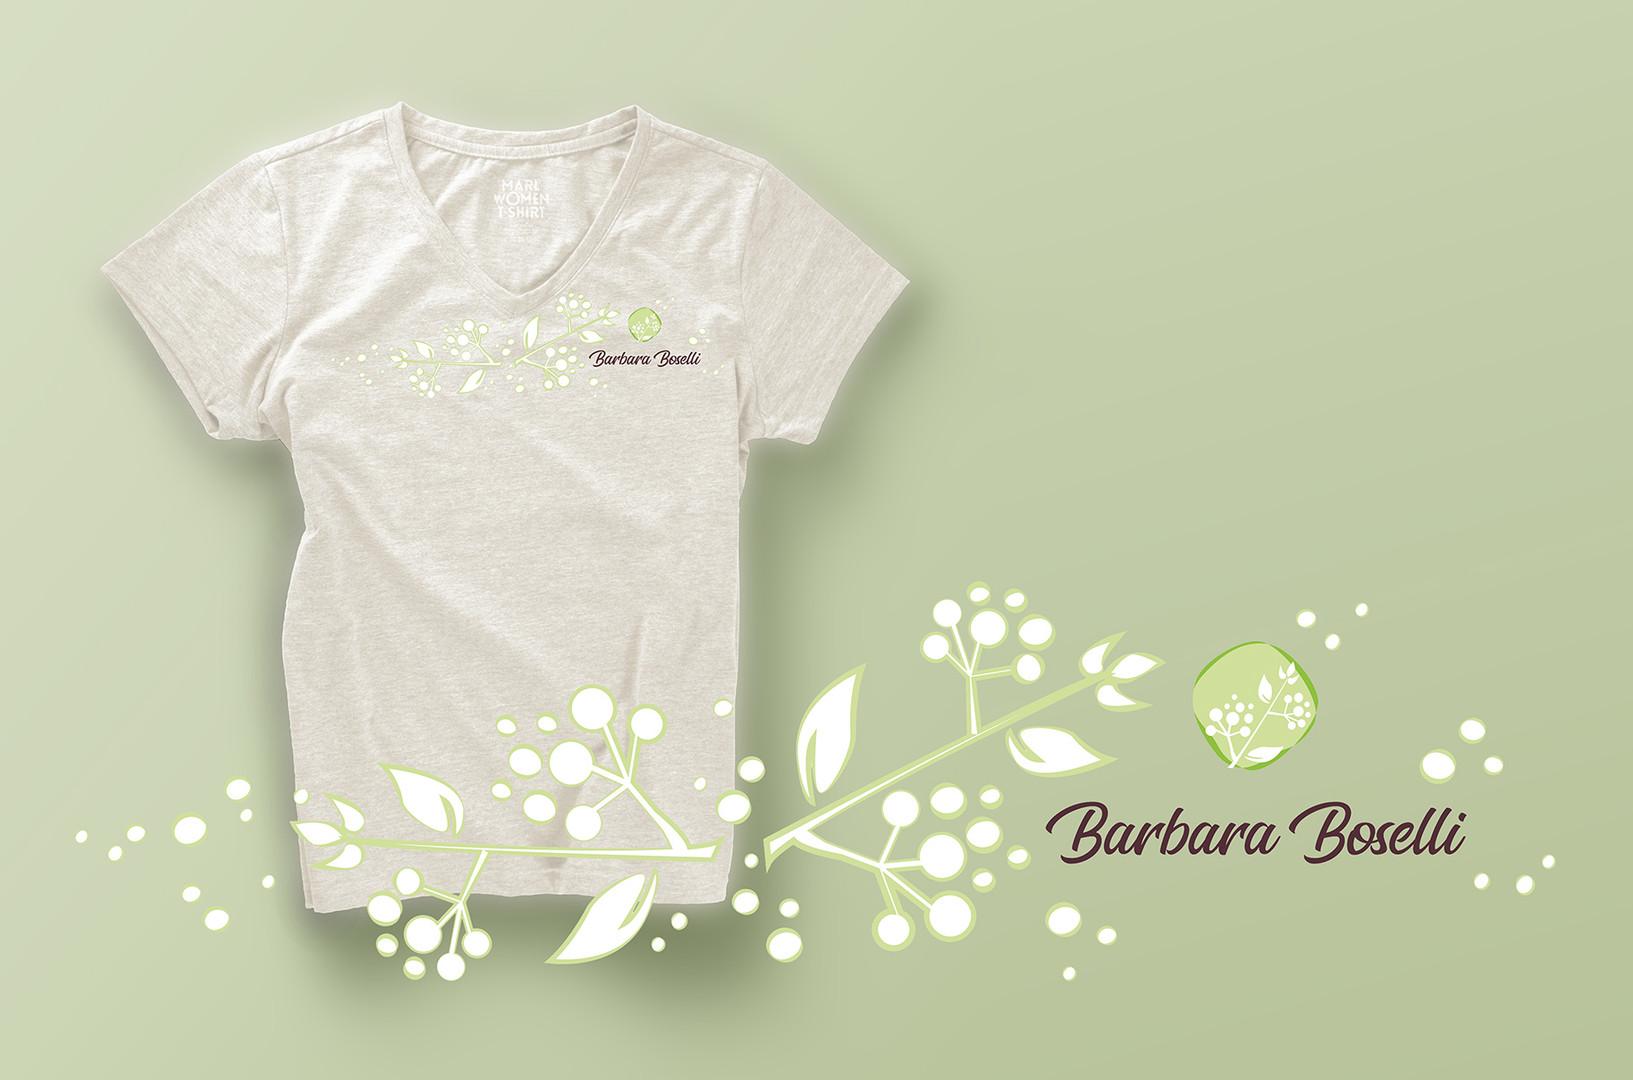 BarbaraB-T-shirt.jpg